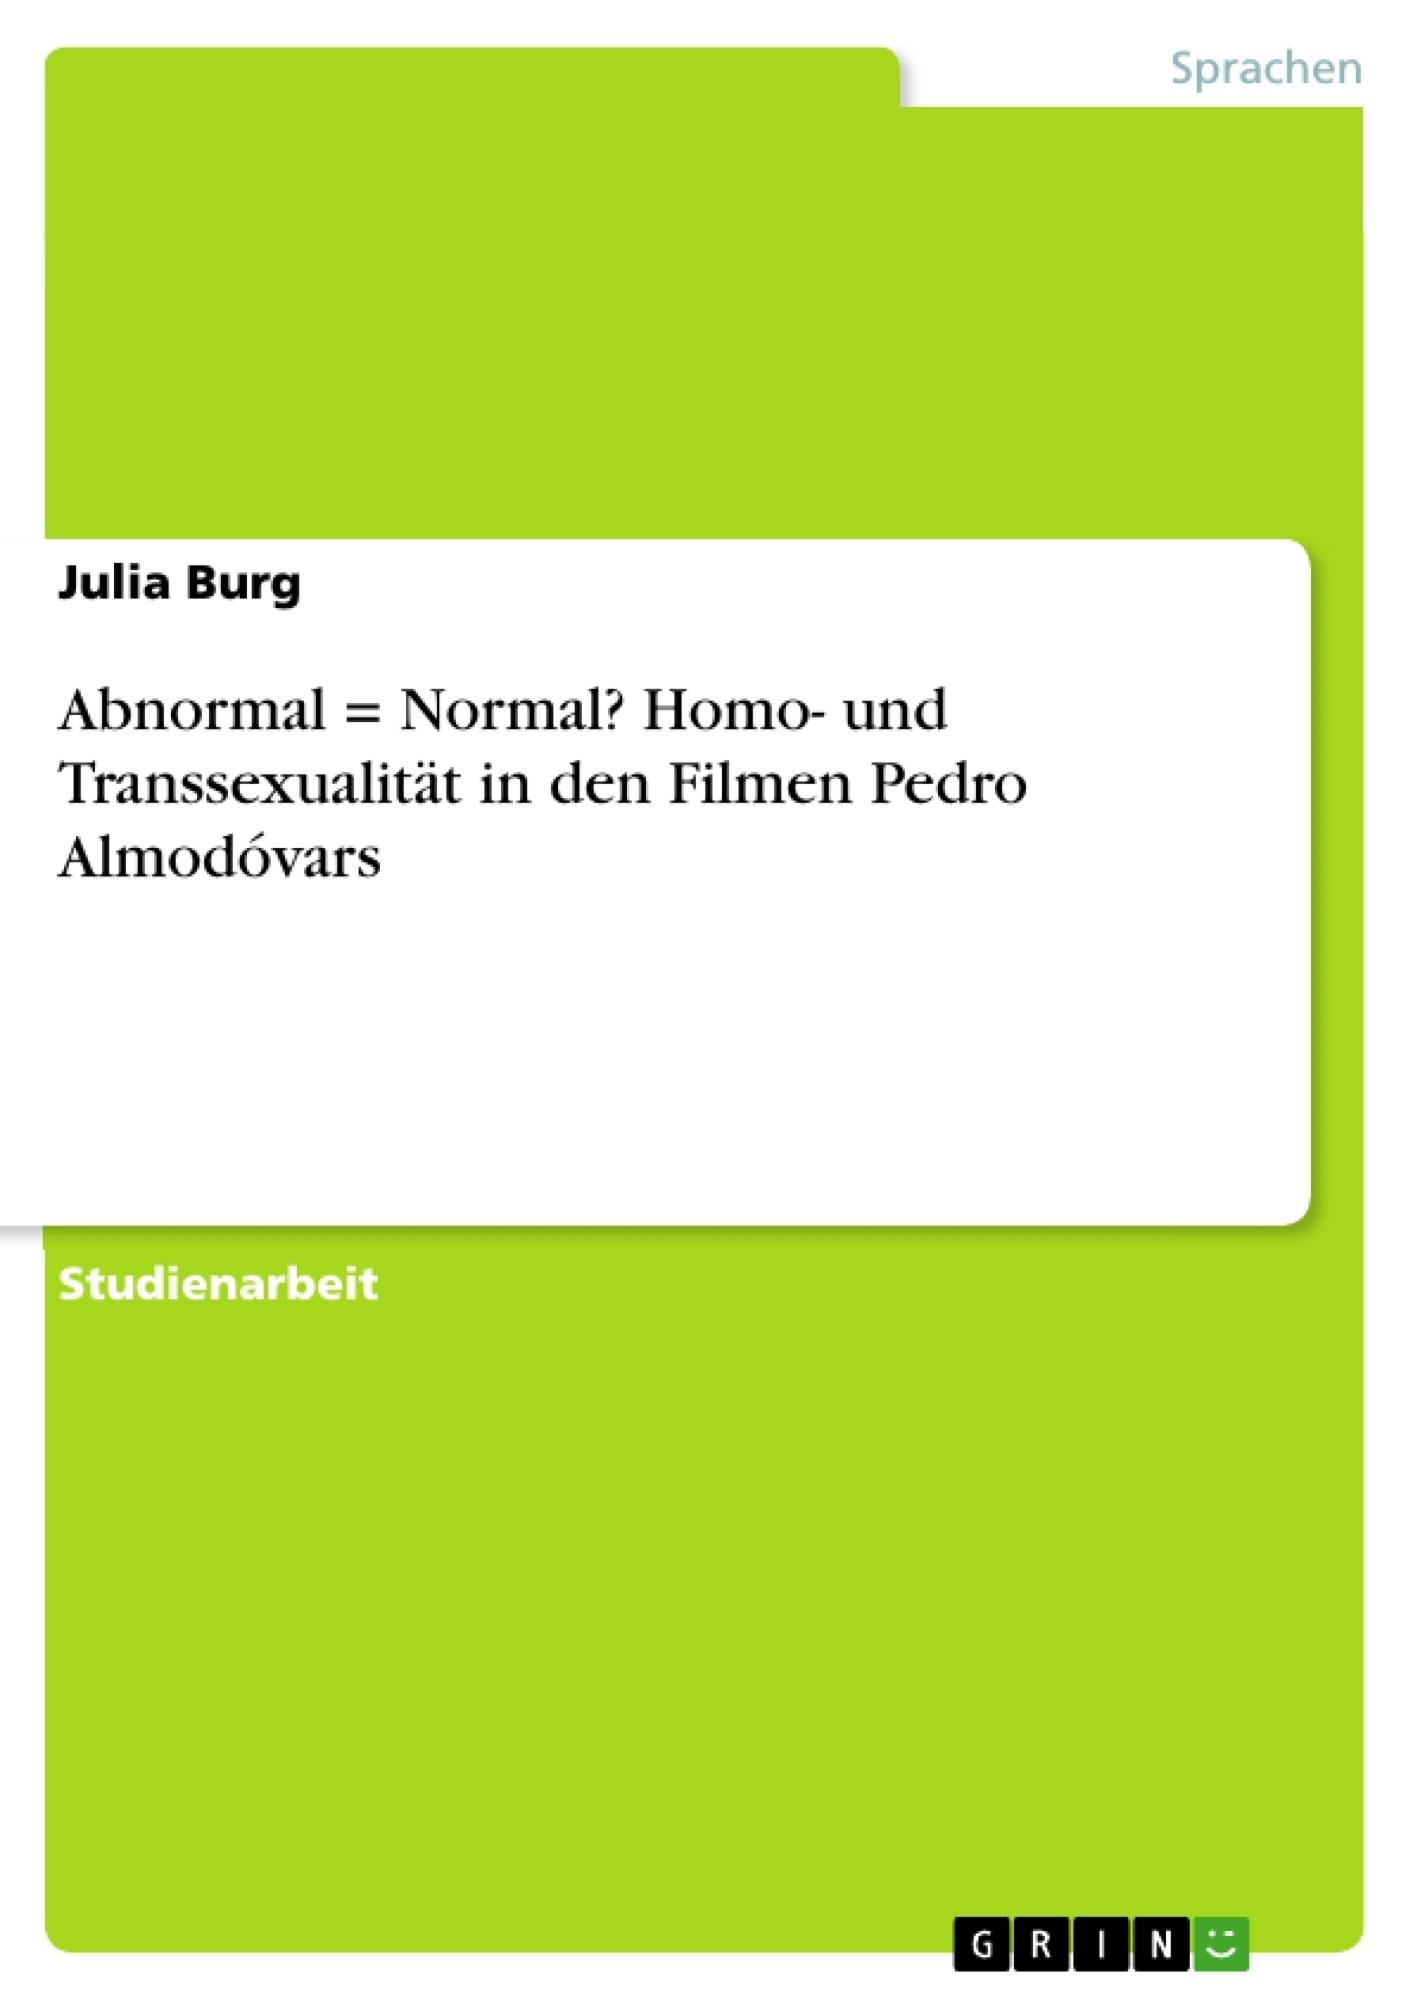 Titel: Abnormal = Normal? Homo- und Transsexualität in den Filmen Pedro Almodóvars